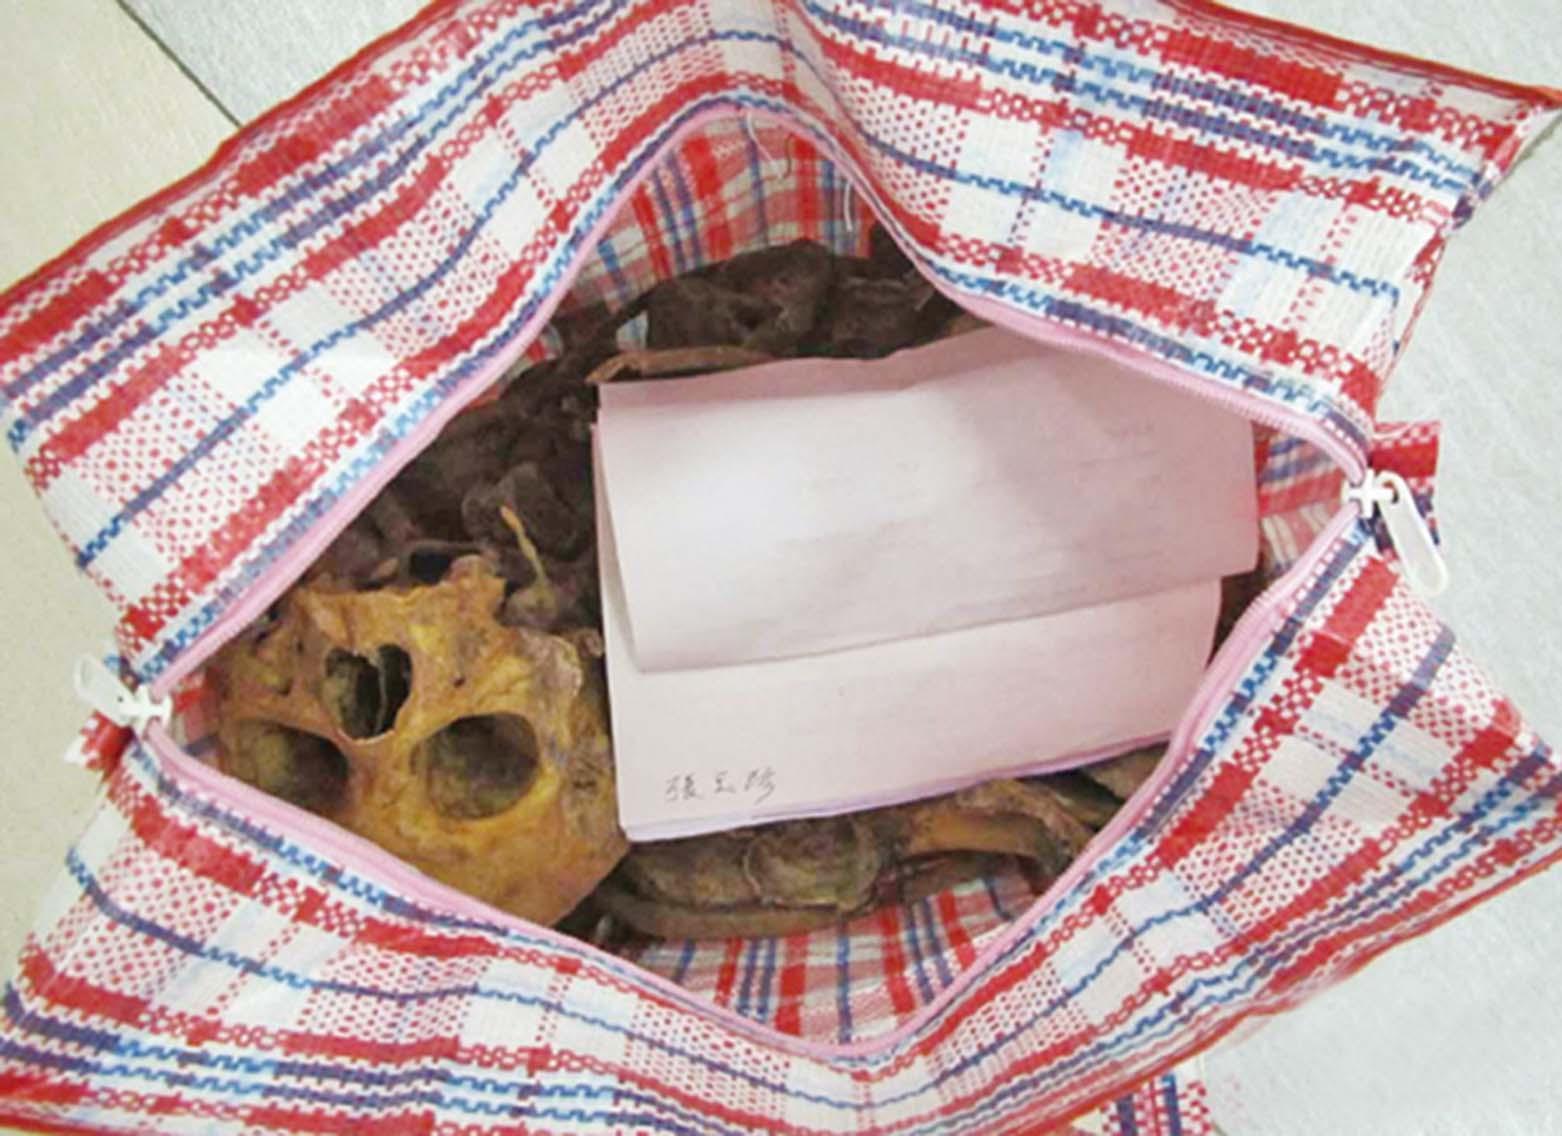 膠袋內藏骸骨「顯靈」物歸原主